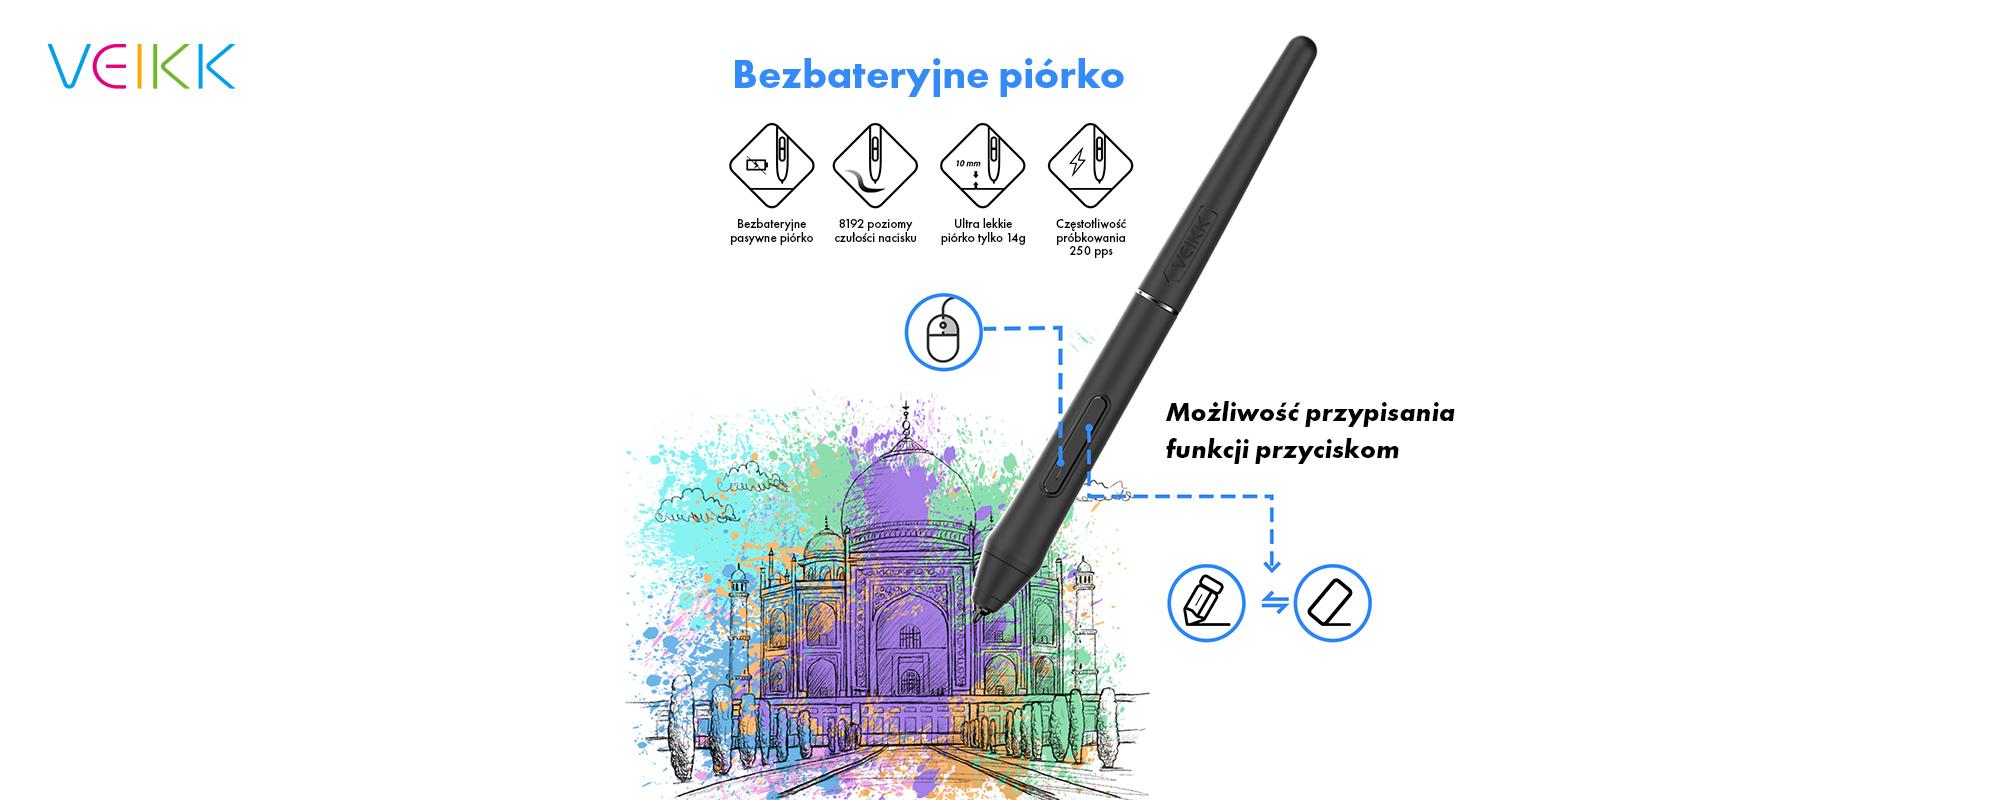 Tablet graficzny Veikk VK1060 Pro - piórko